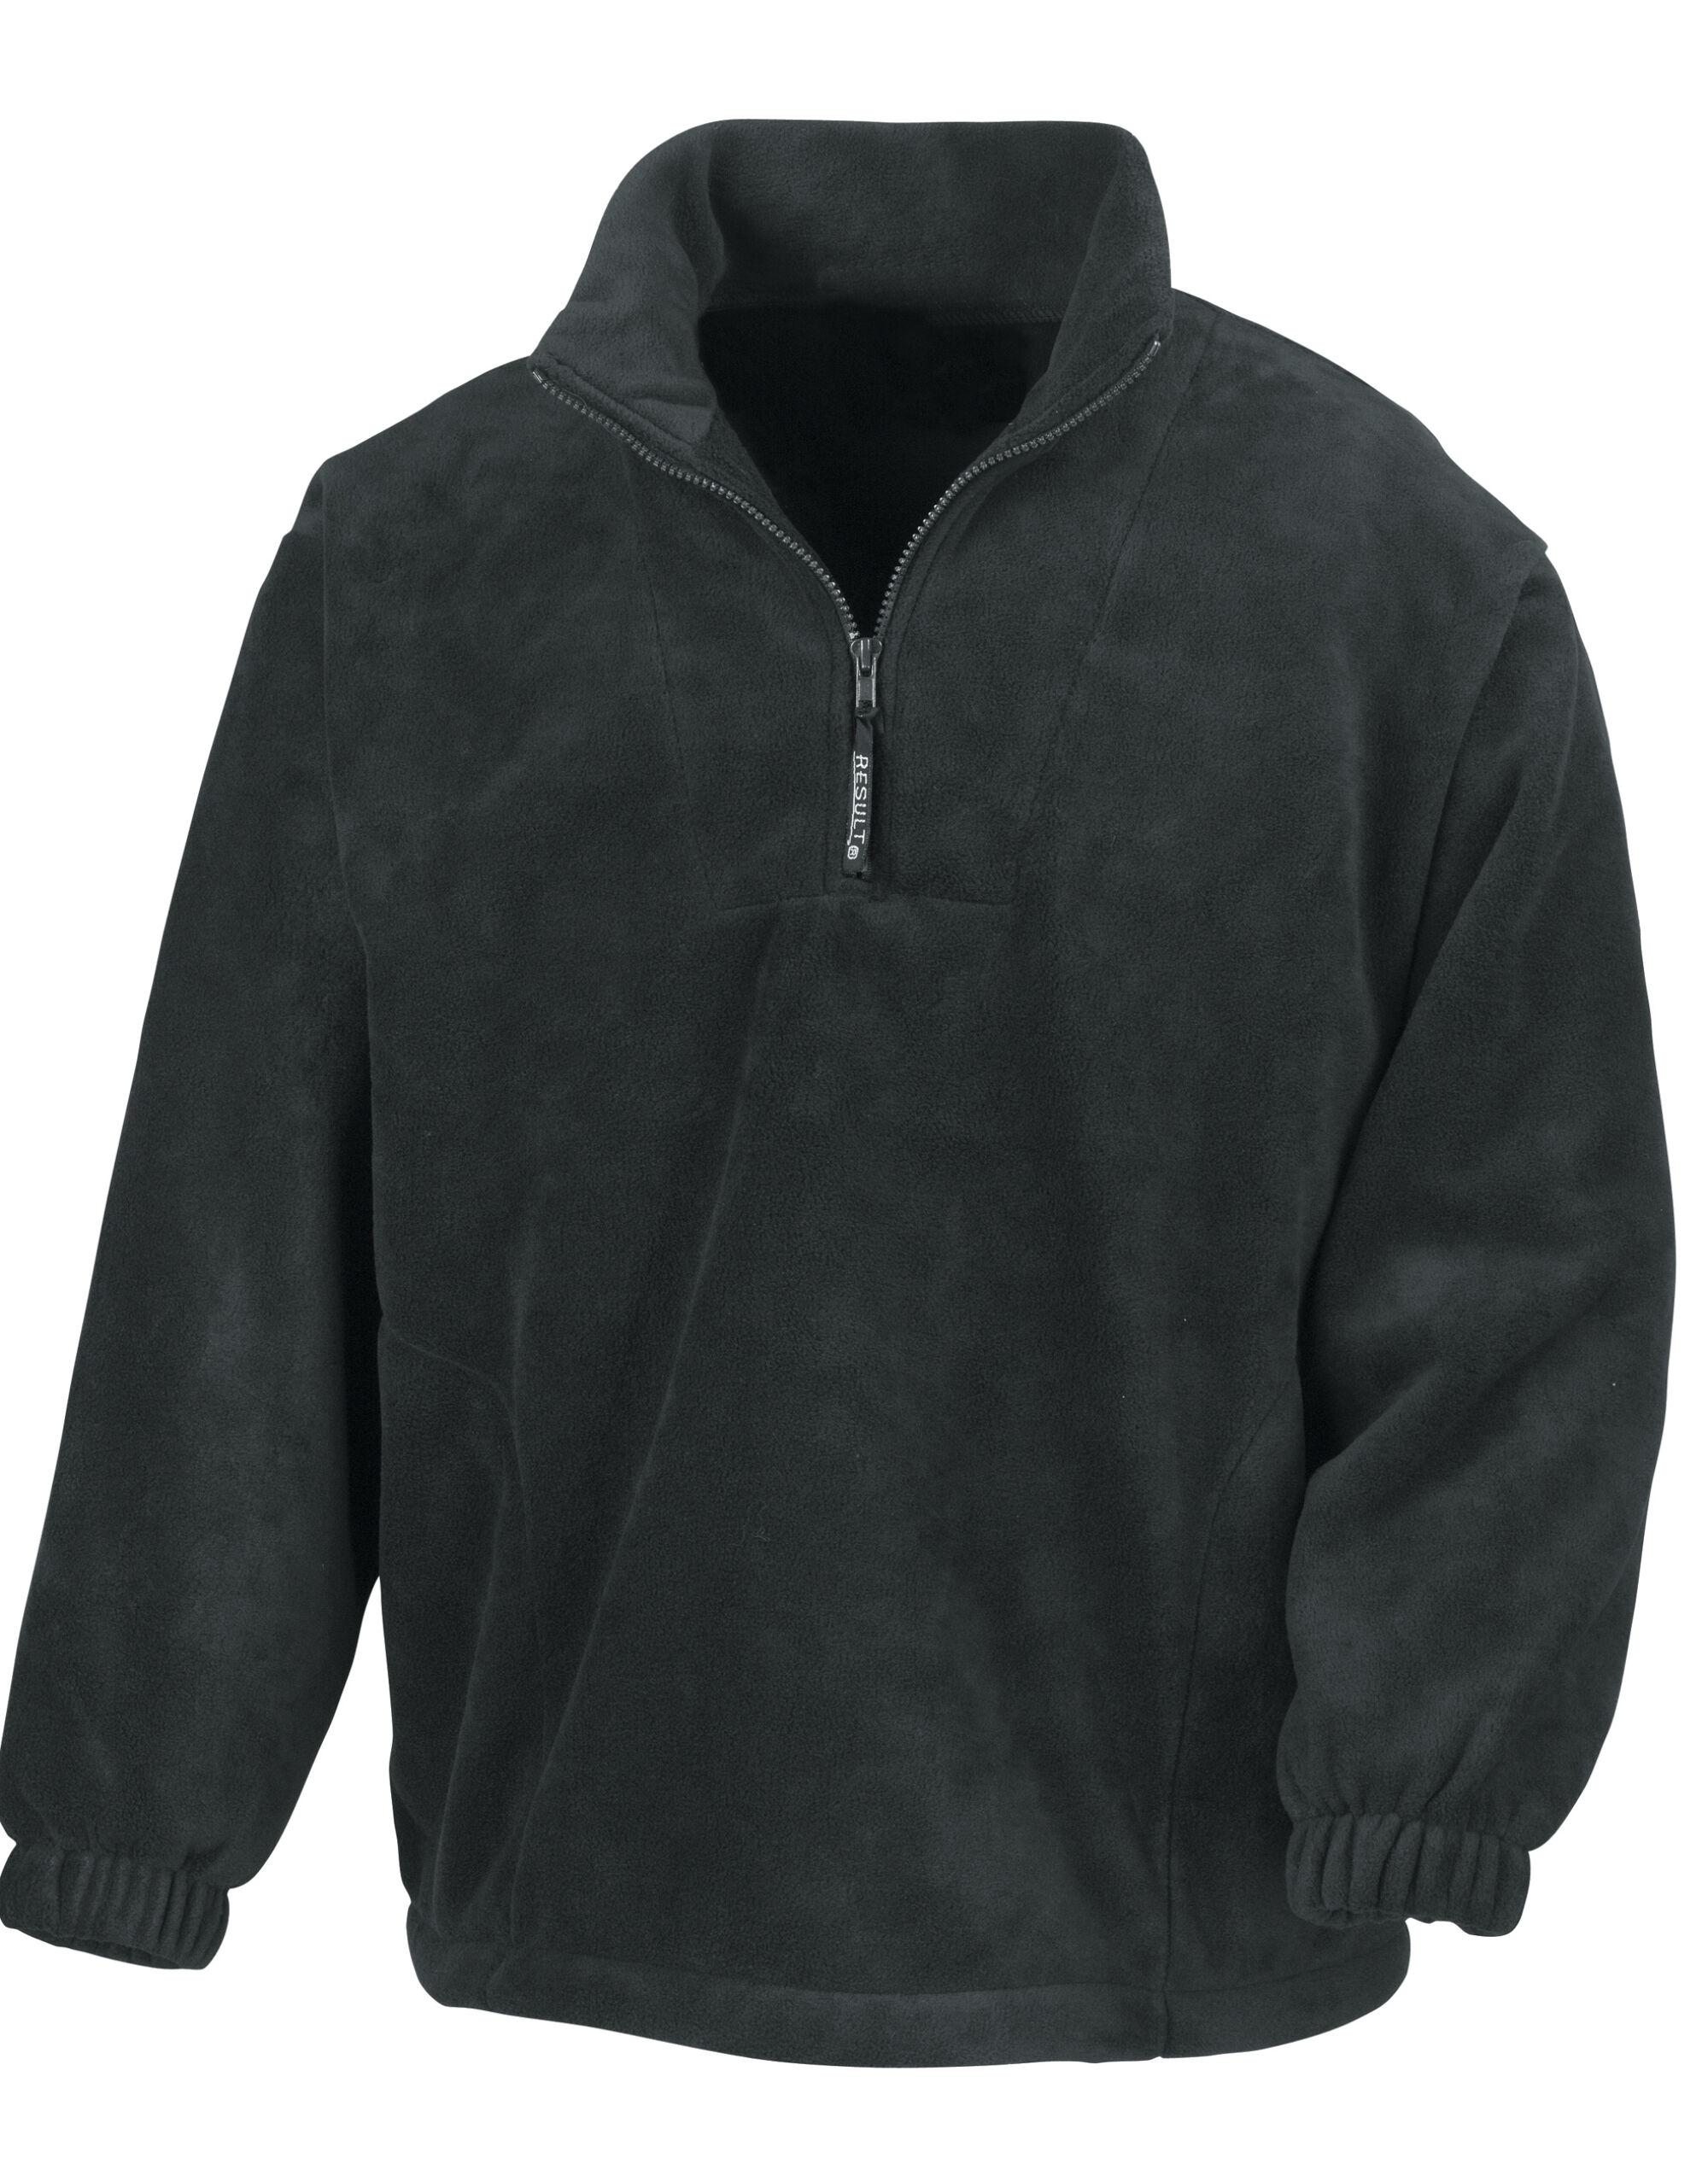 Unlined Active 1/4 Zip Fleece Top